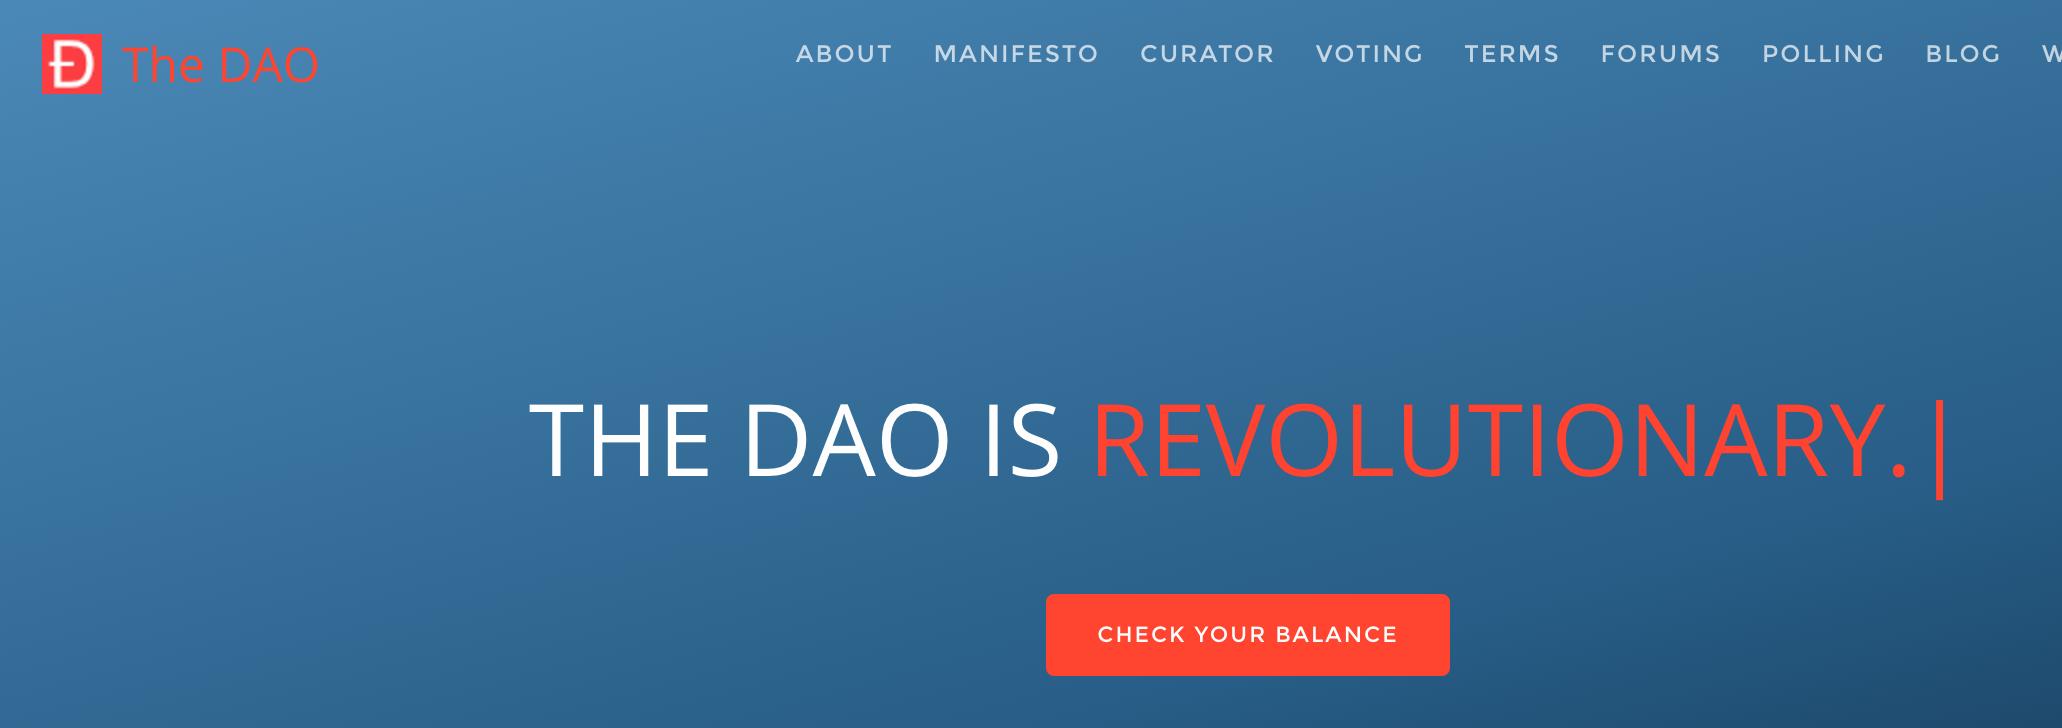 Screenshot of daohub.org